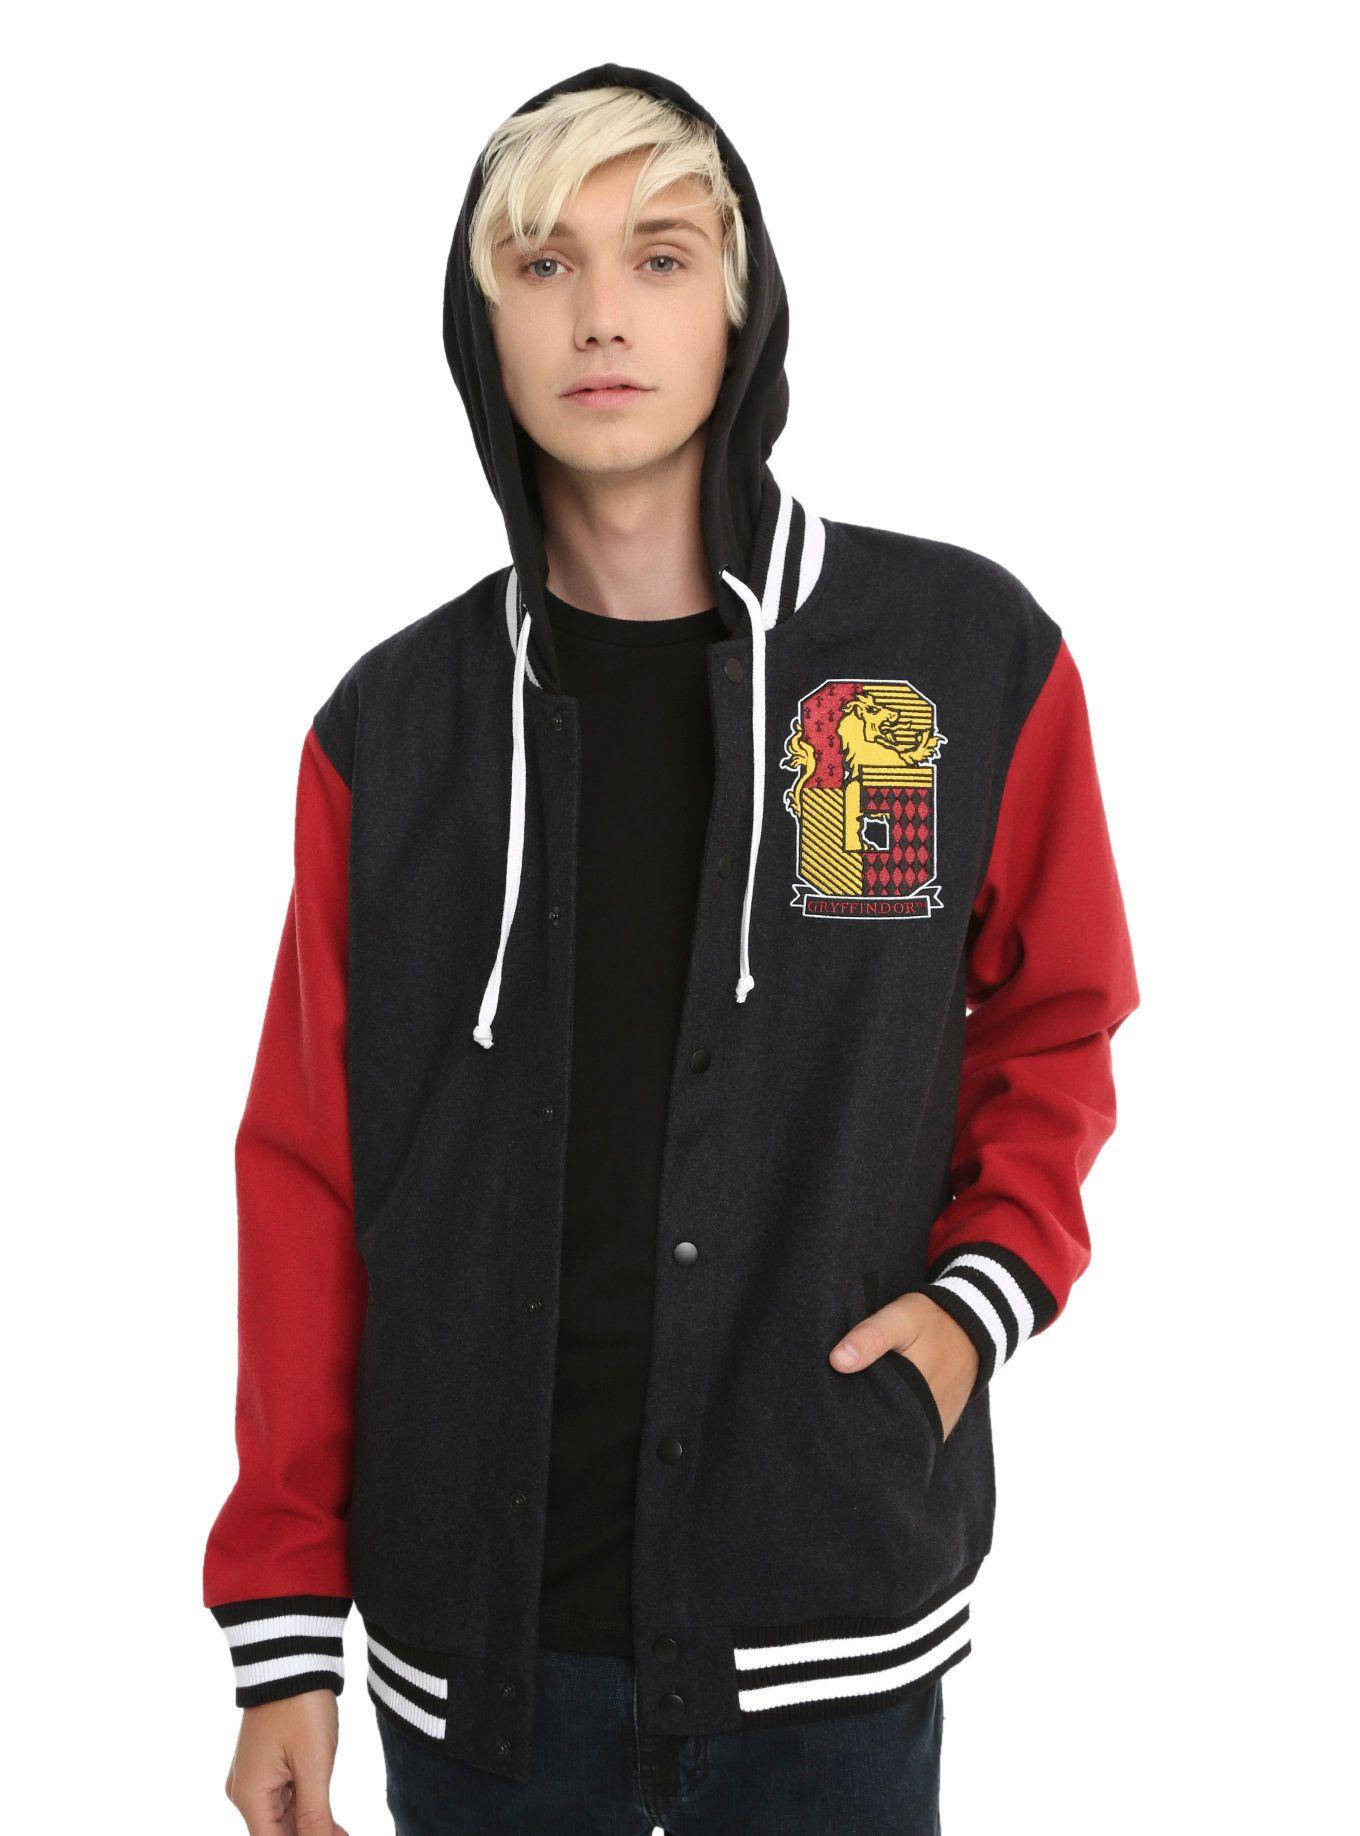 Harry Potter Gryffindor Varsity Jacket Varsity Jacket Cool Hoodies Jackets [ 1836 x 1360 Pixel ]